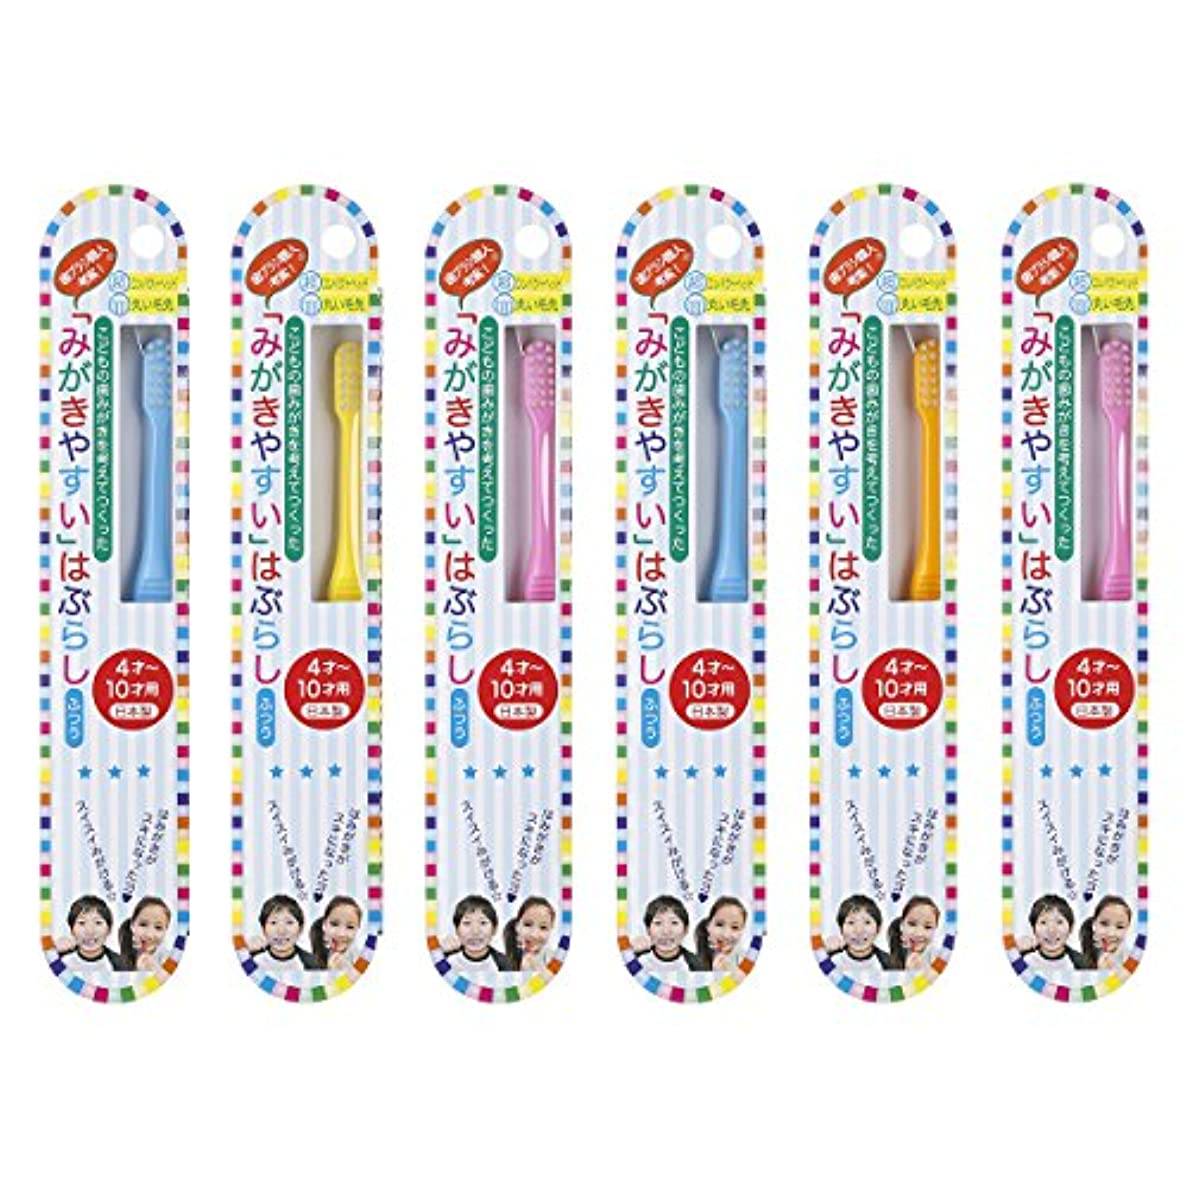 生癌反射歯ブラシ職人Artooth 日本製 田辺重吉 磨きやすい歯ブラシこども用 LT-10 (6本パック)